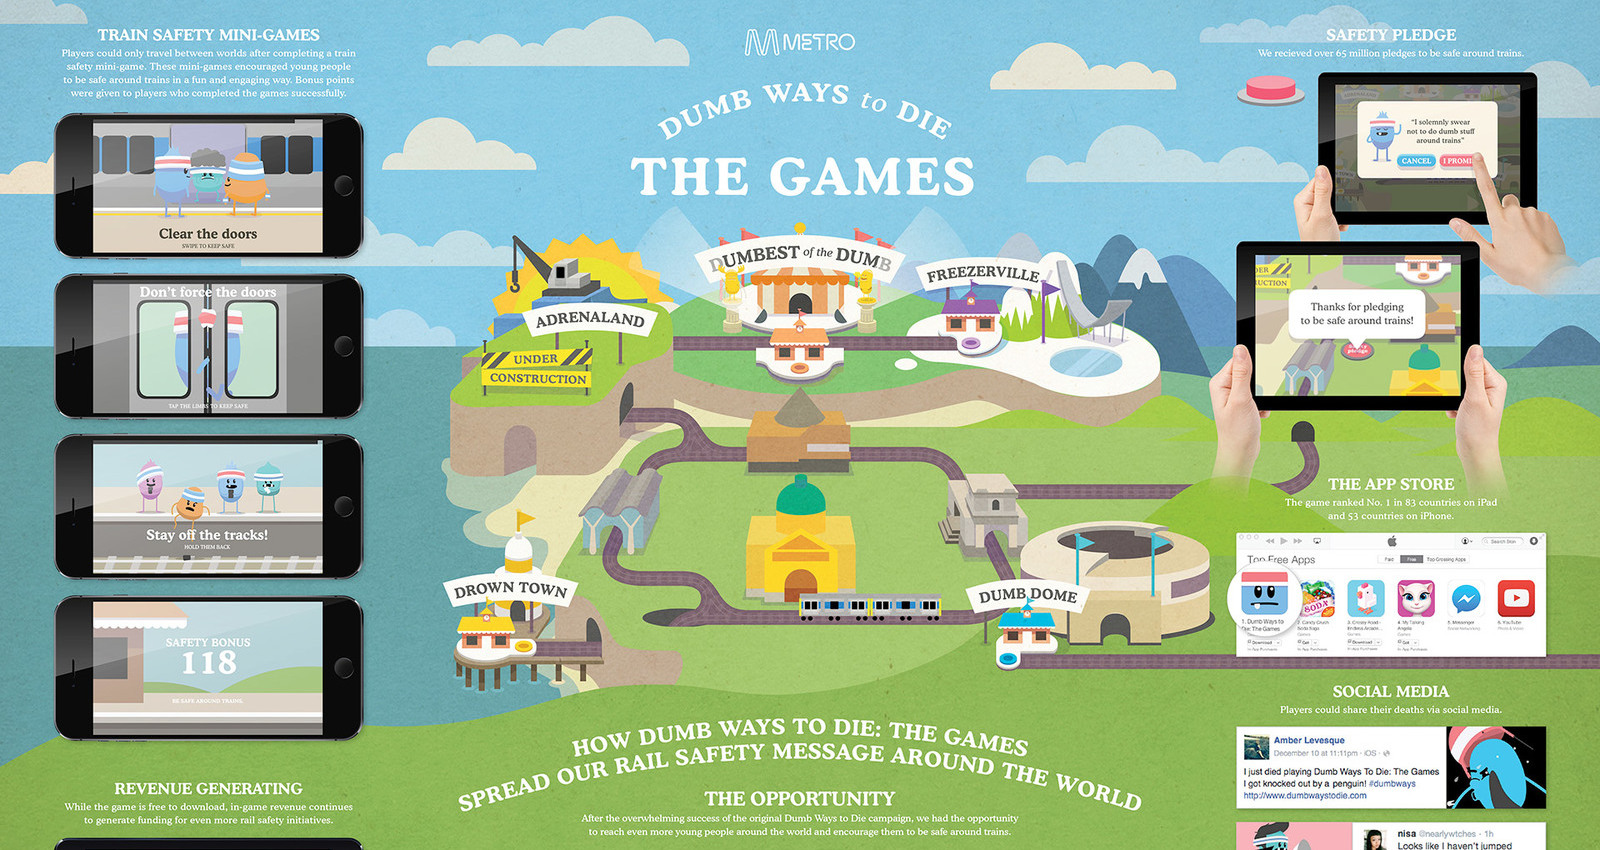 Dumb Ways to Die: The Games